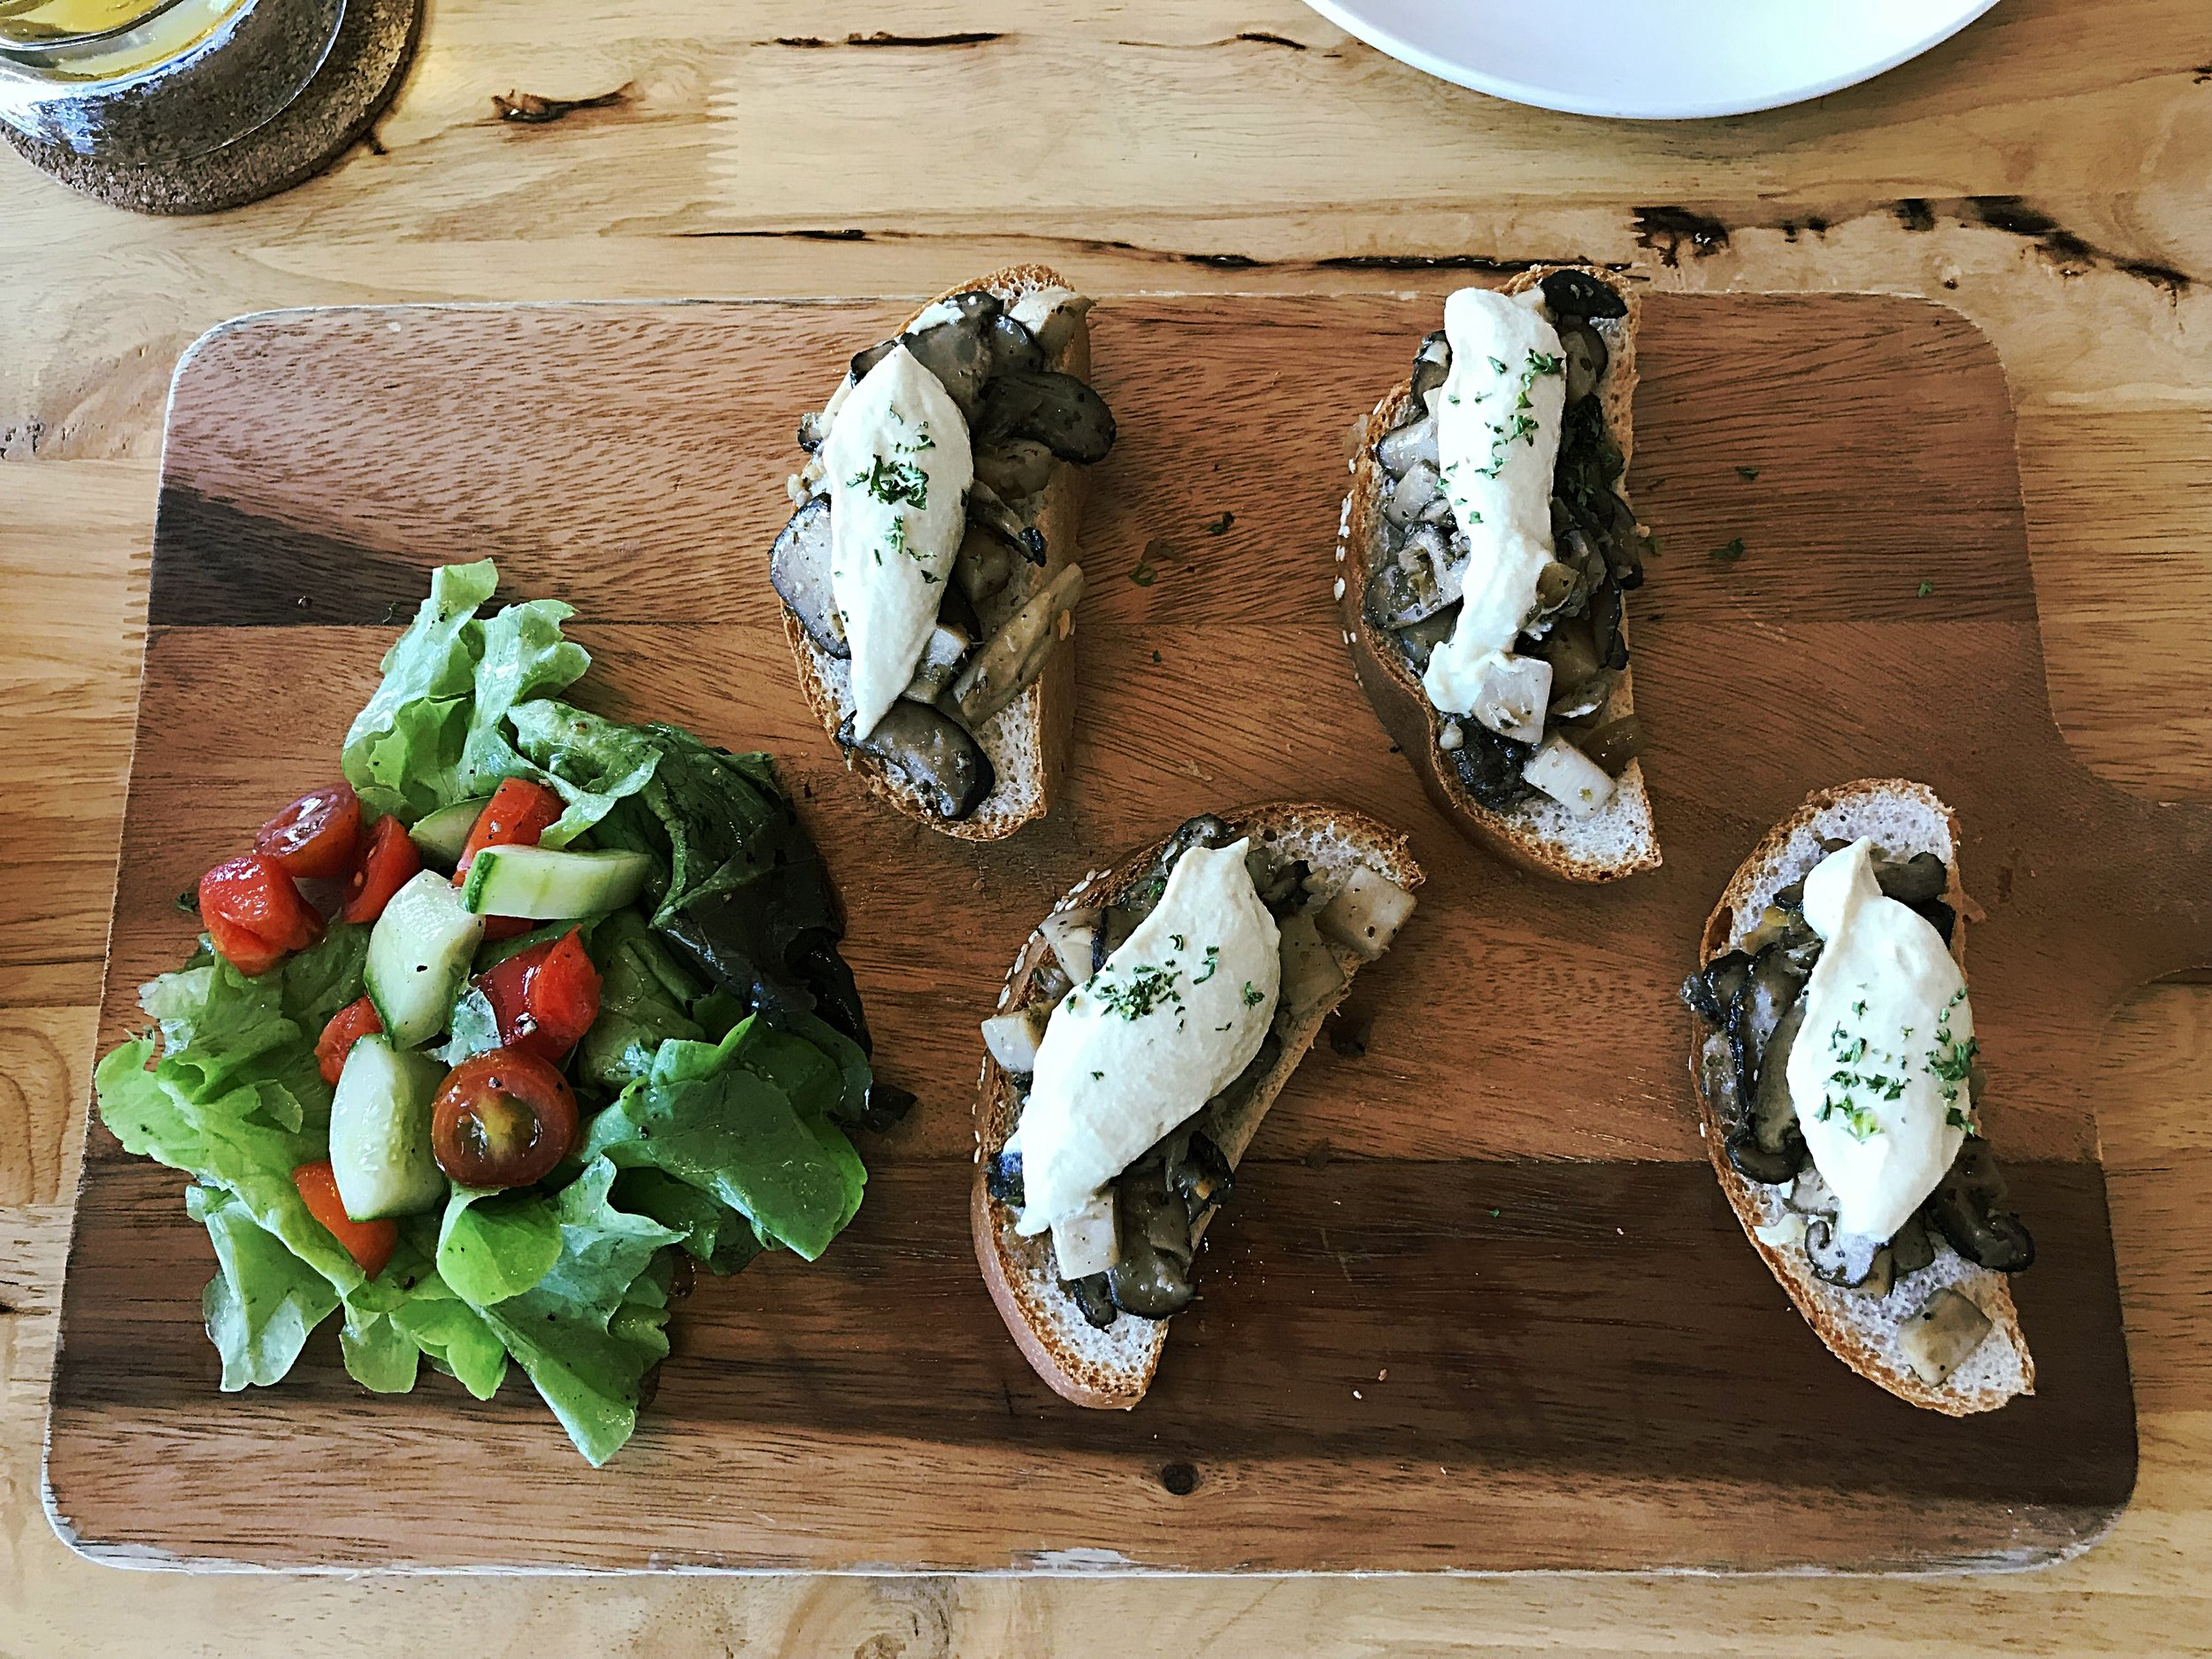 Mixed mushroom and vegan ricotta bruschetta